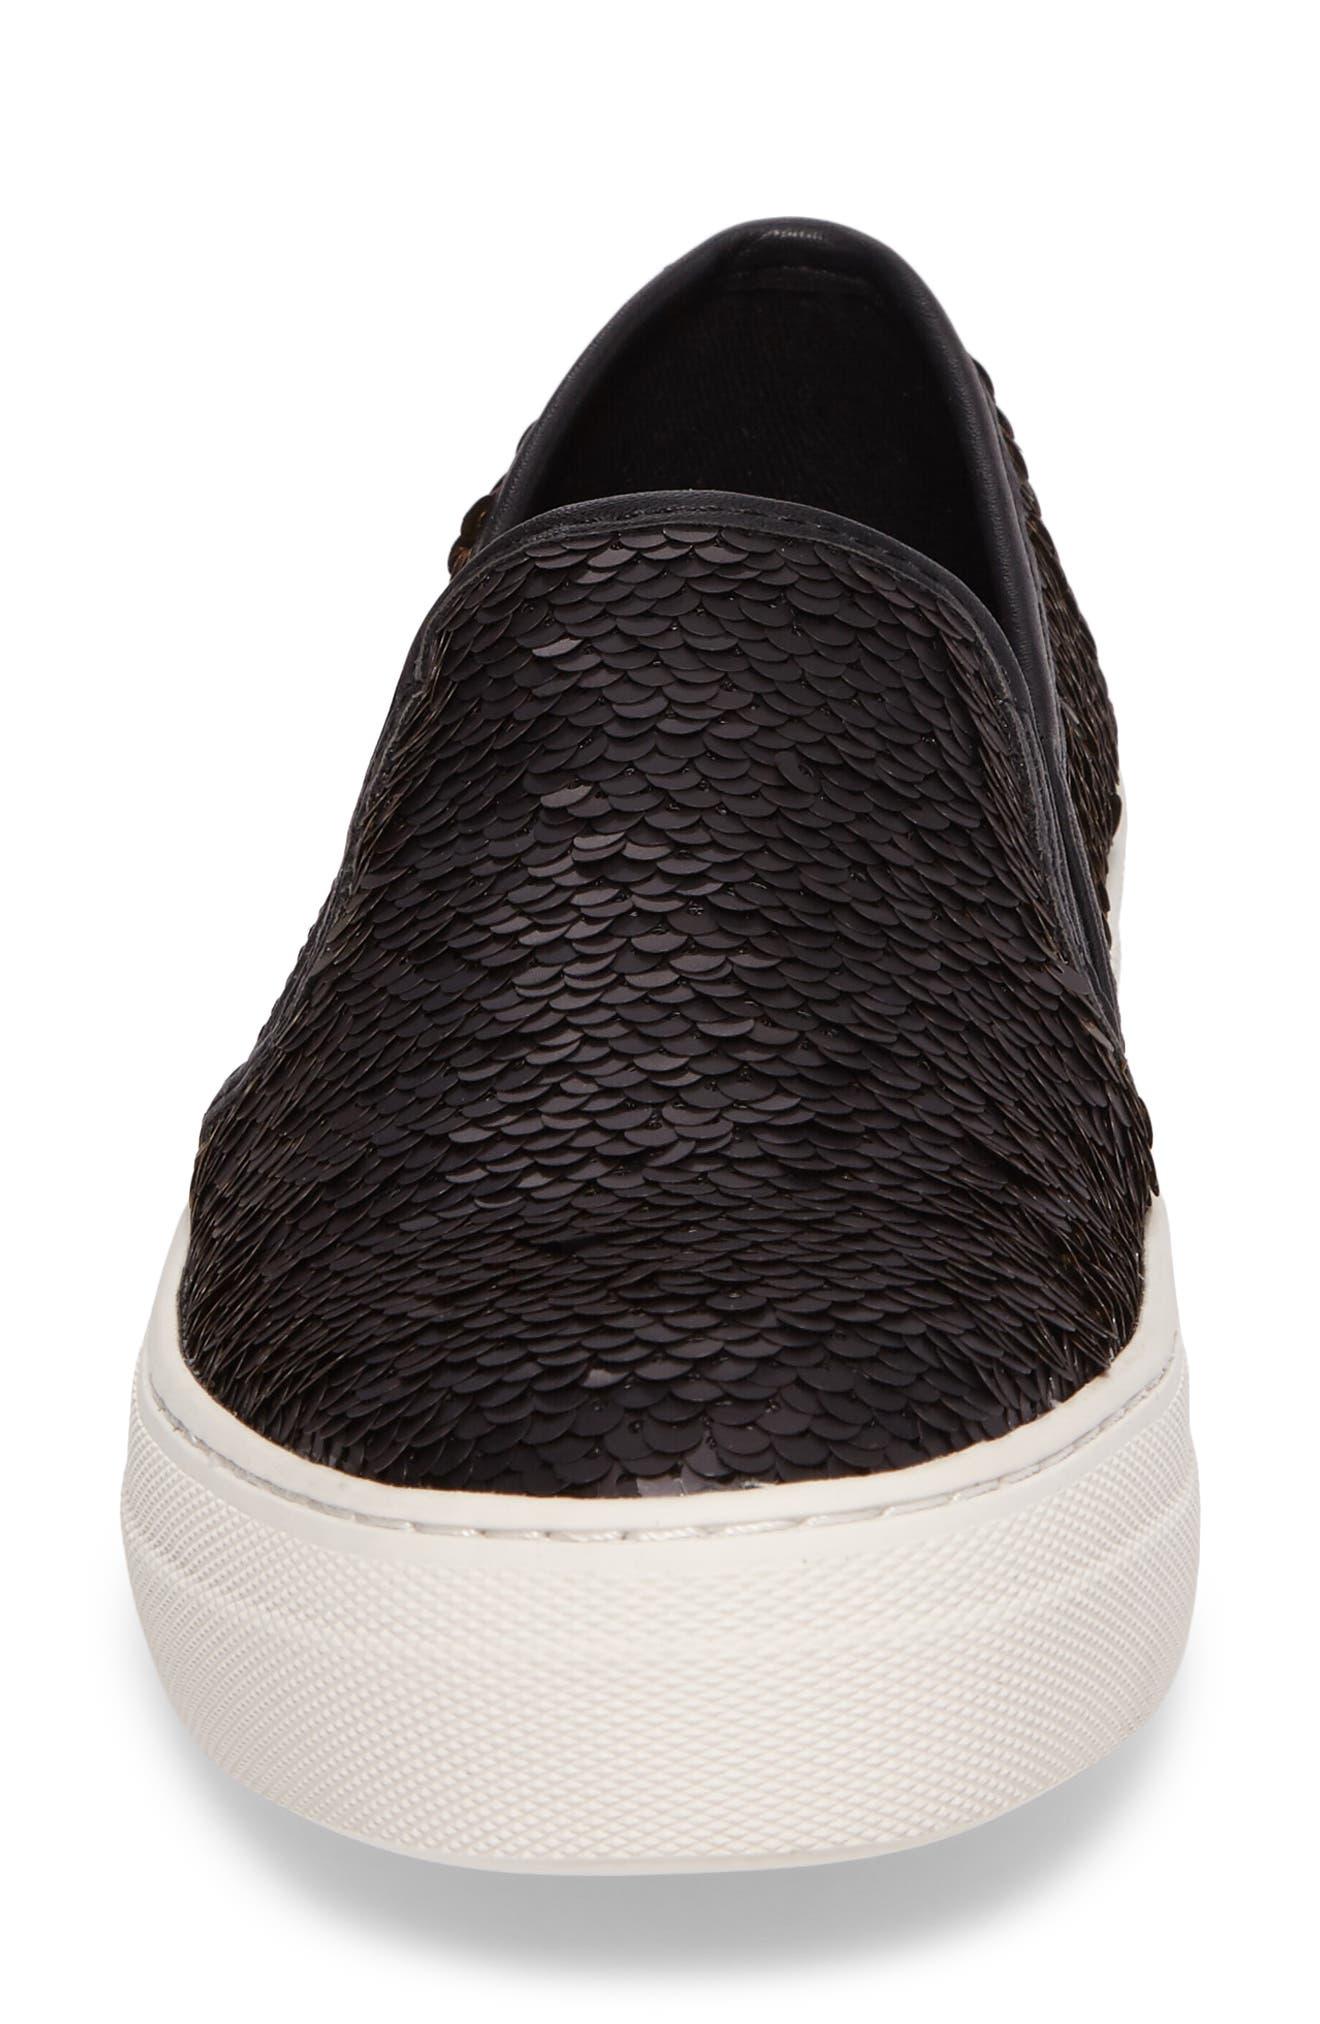 Alternate Image 4  - Steve Madden Gills Sequined Slip-On Platform Sneaker (Women)